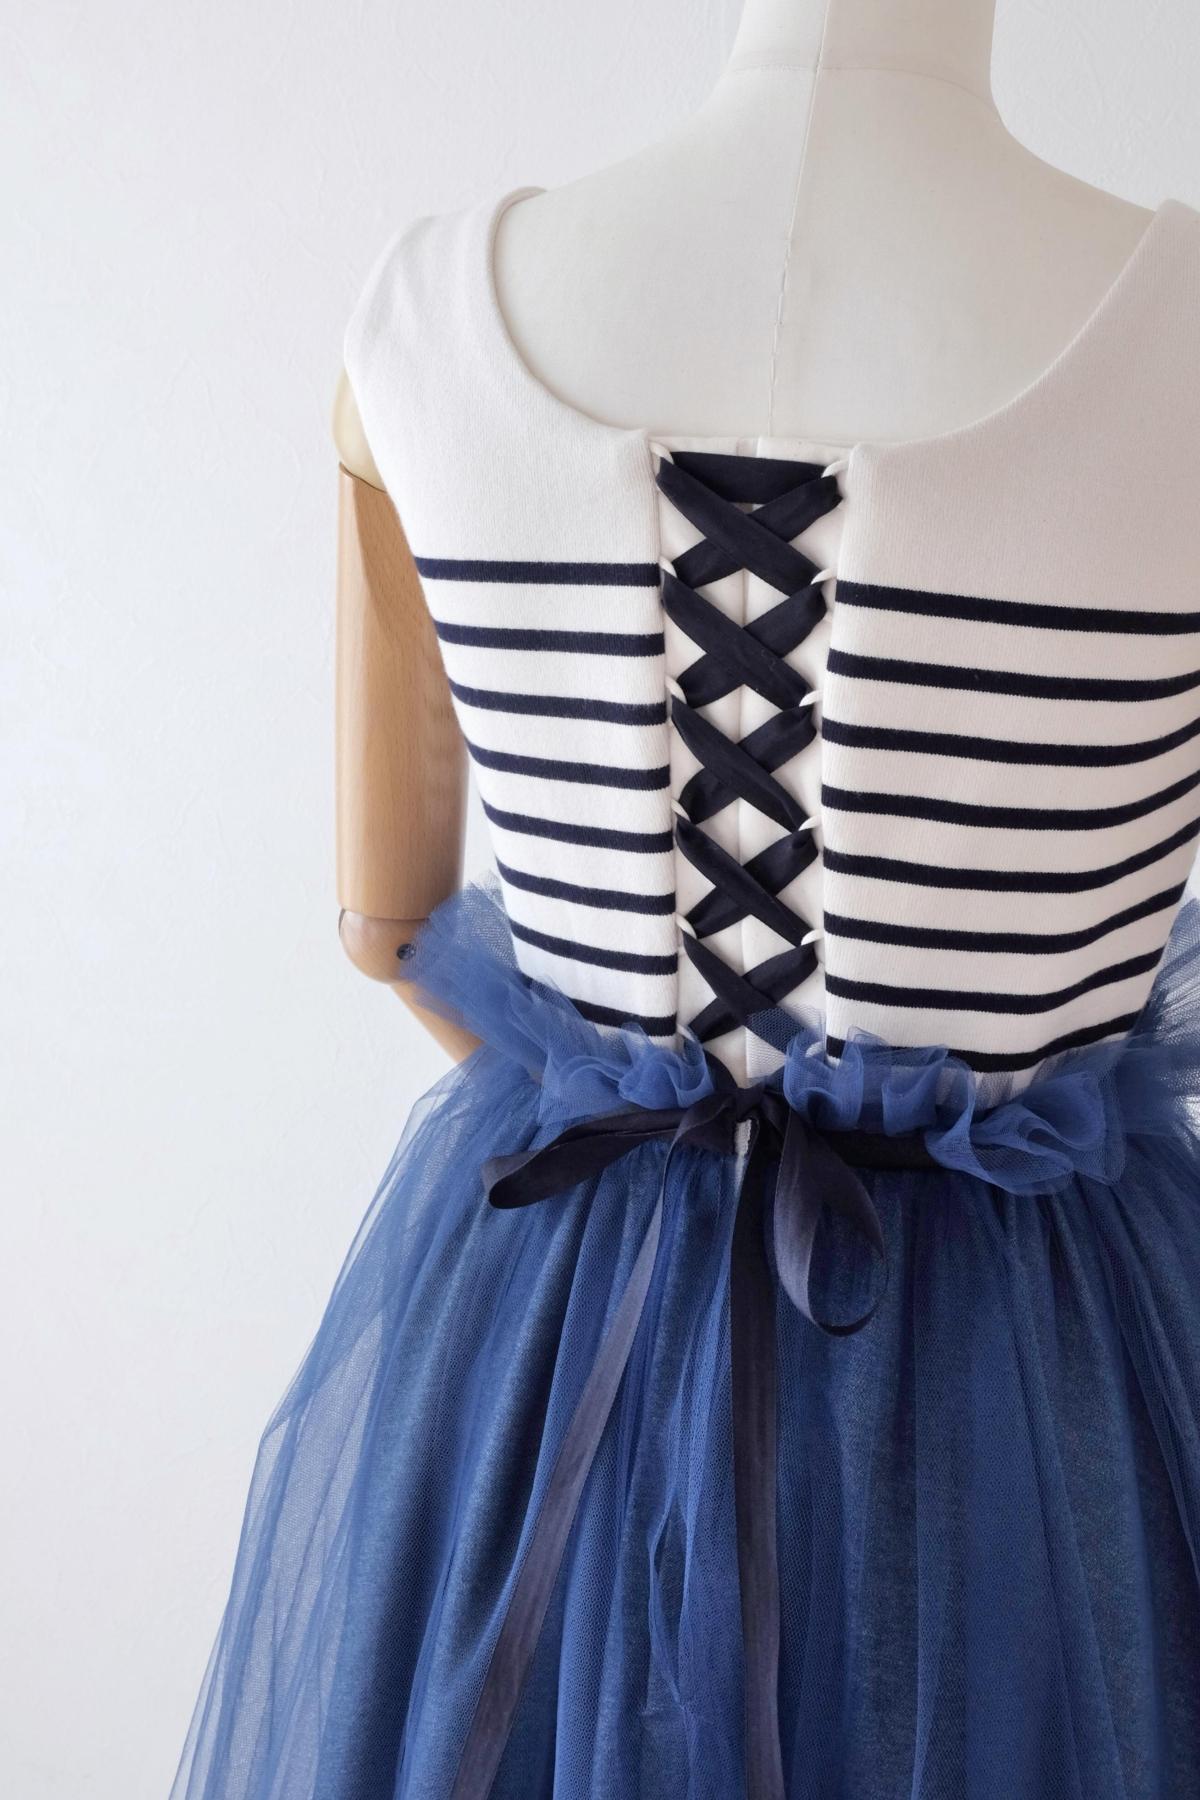 ボーダーのドレス